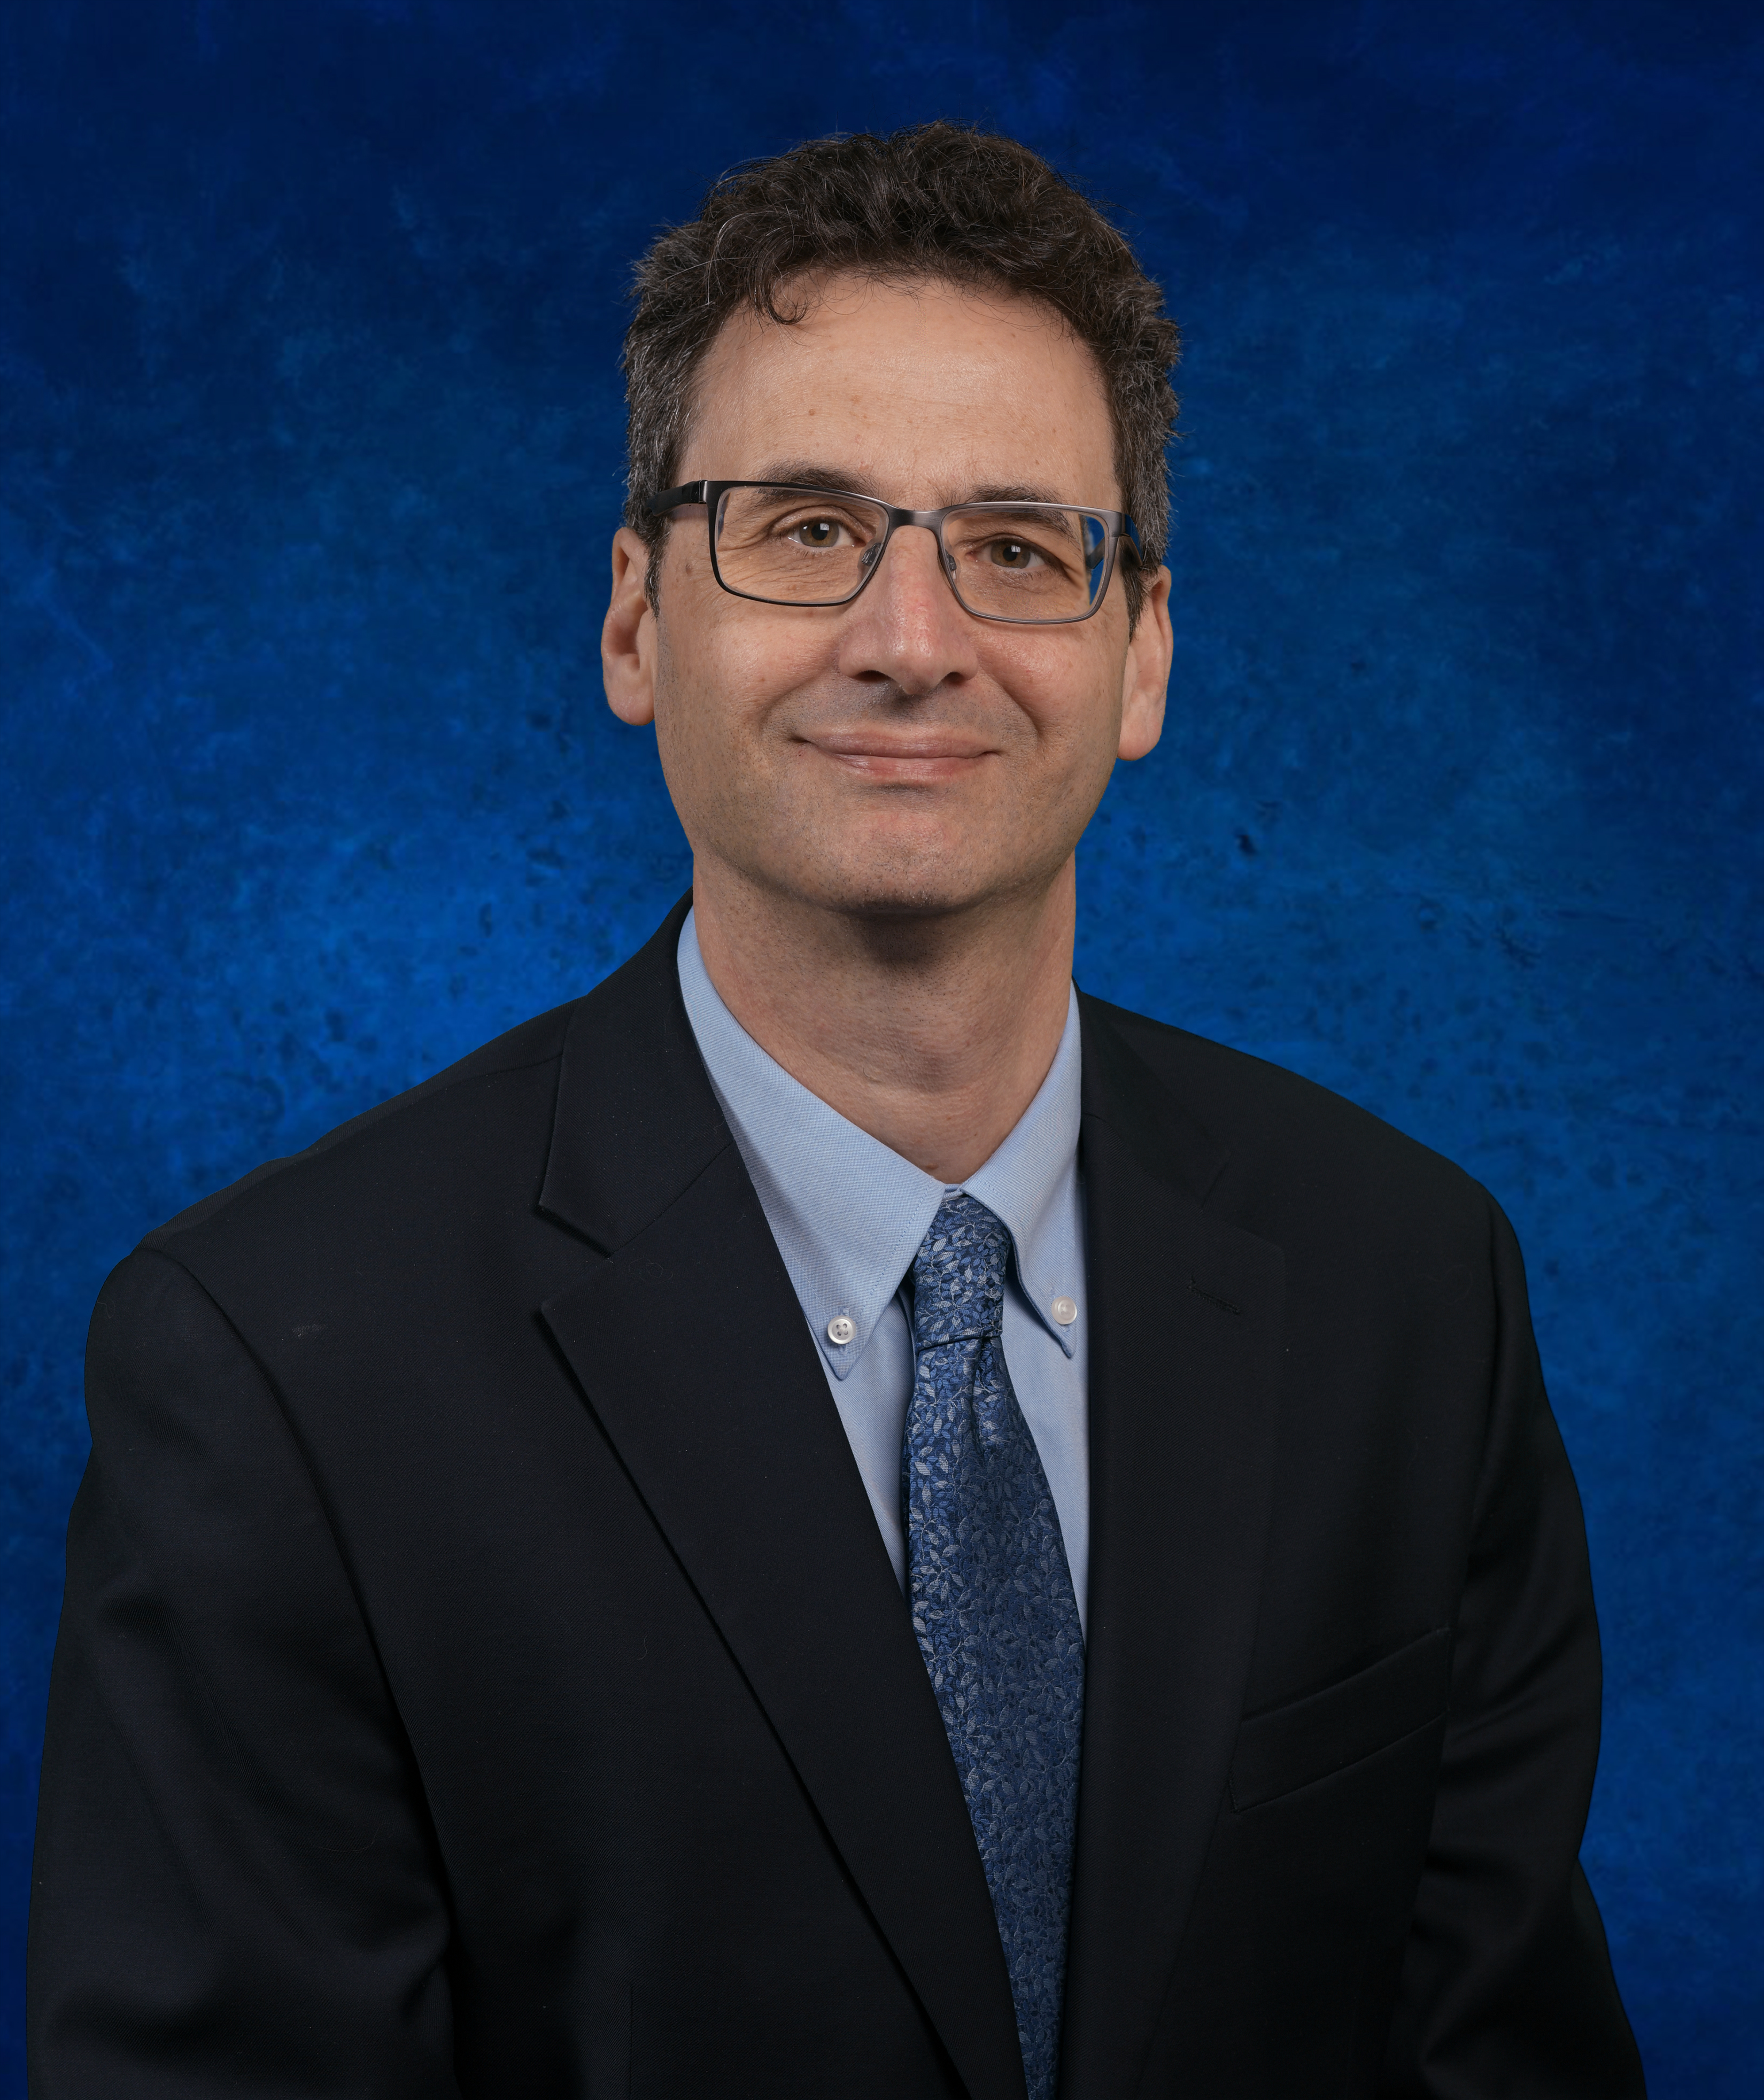 JohnLauriello, MD